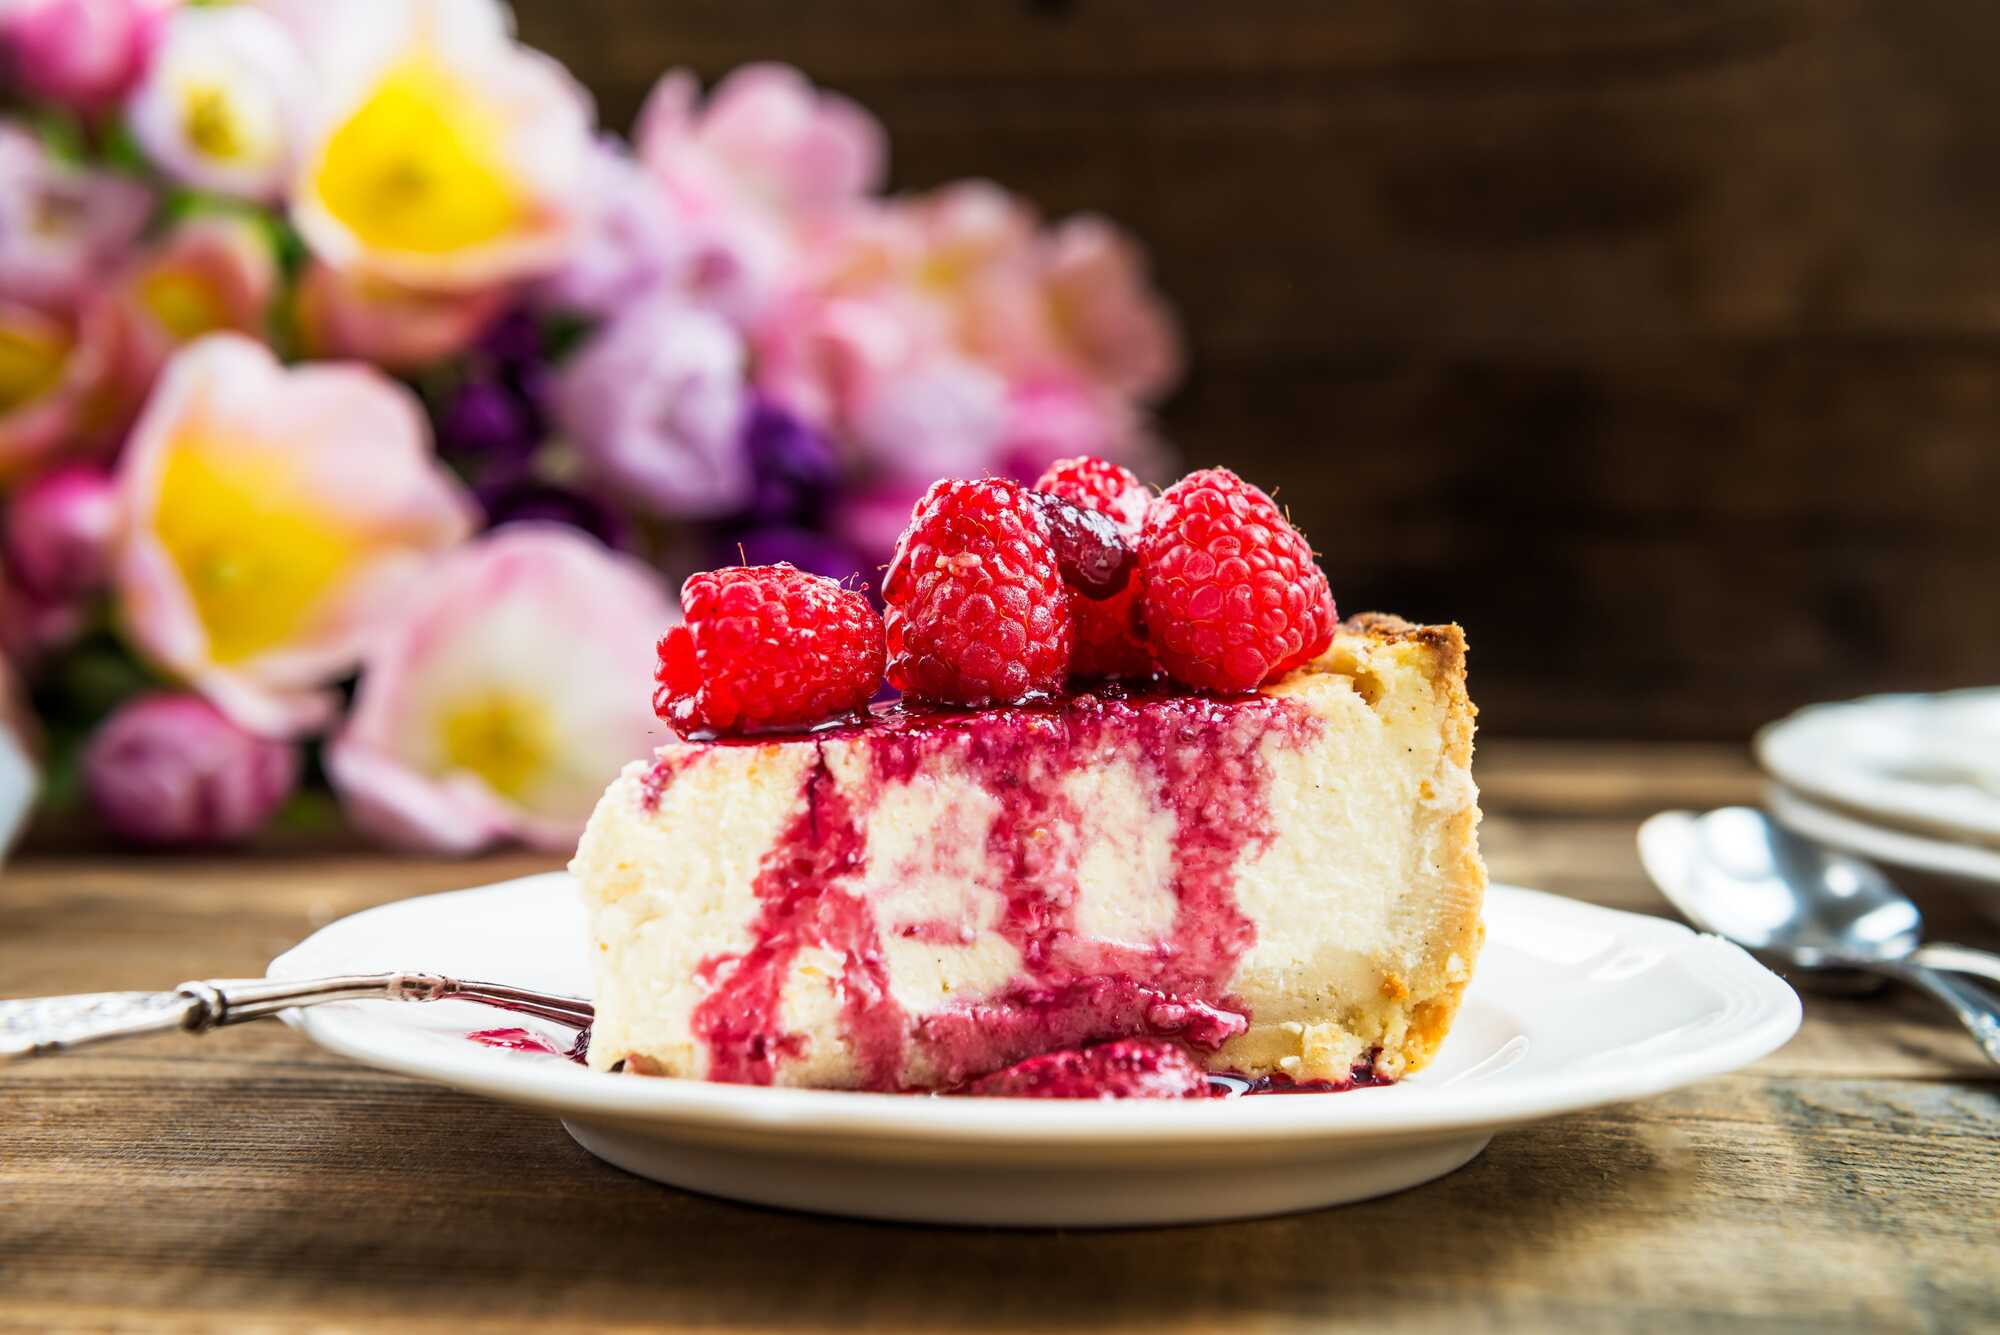 Posé sur une assiette de couleur blanche, un généreux morceau de cheesecake avec ses framboises.